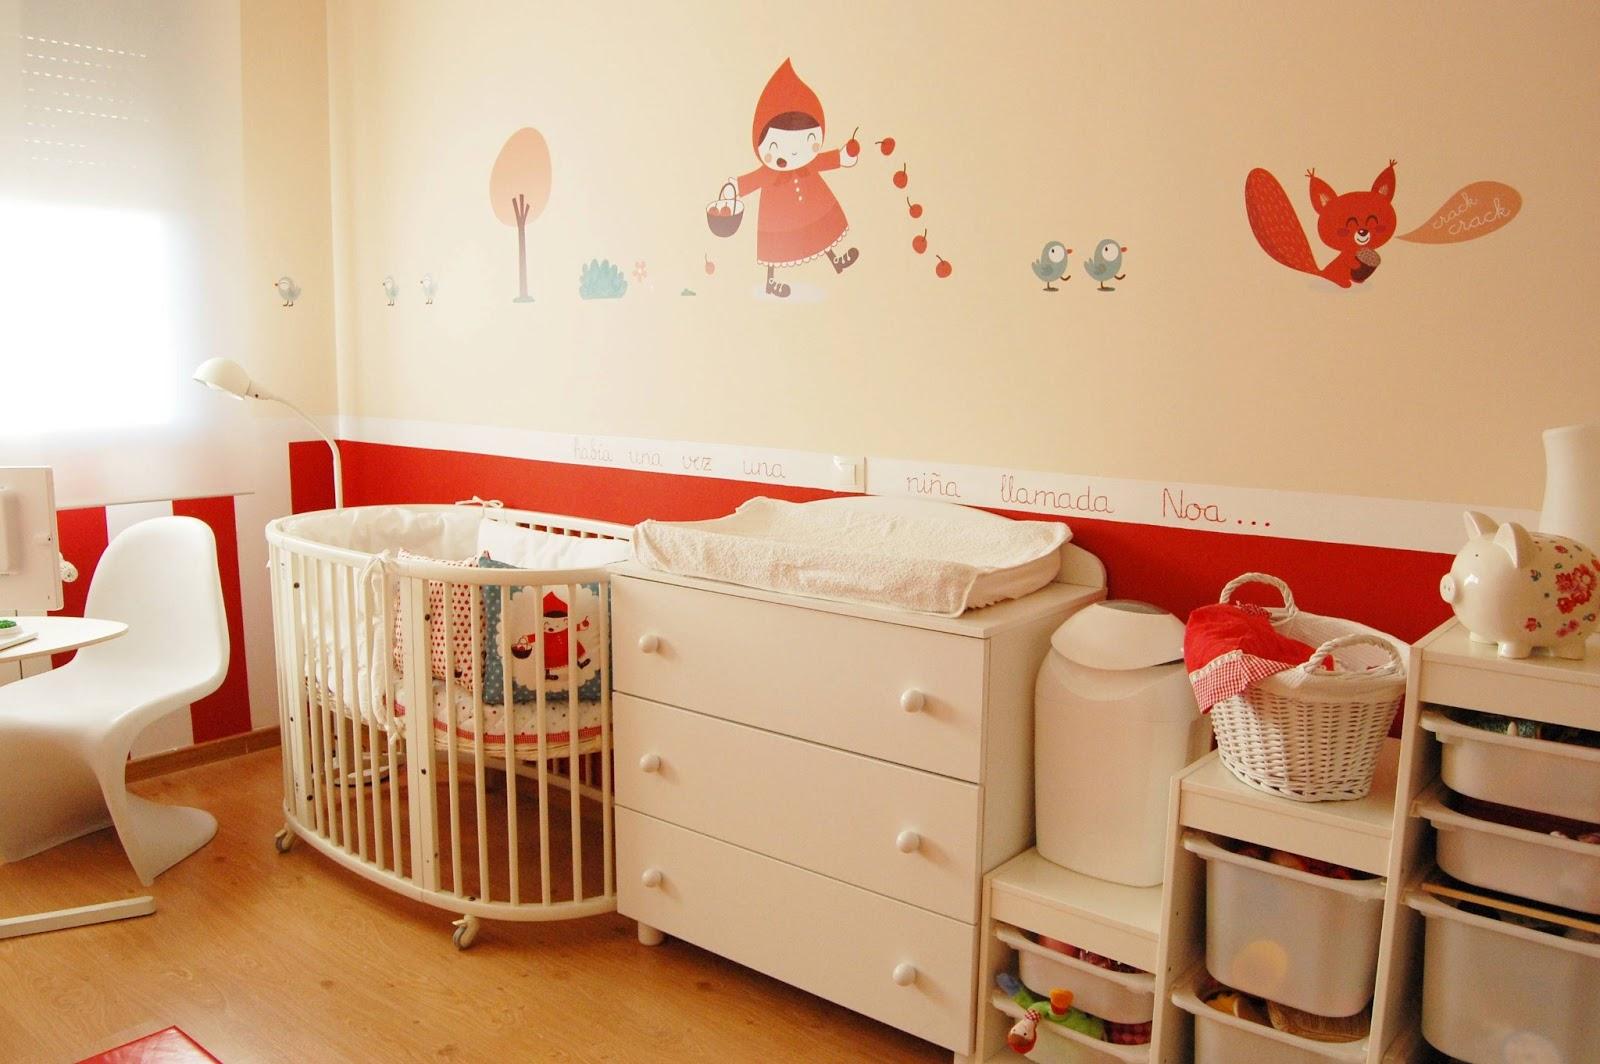 Mam de noa habitaci n de beb decorada en rojo - Habitacion para nino ...